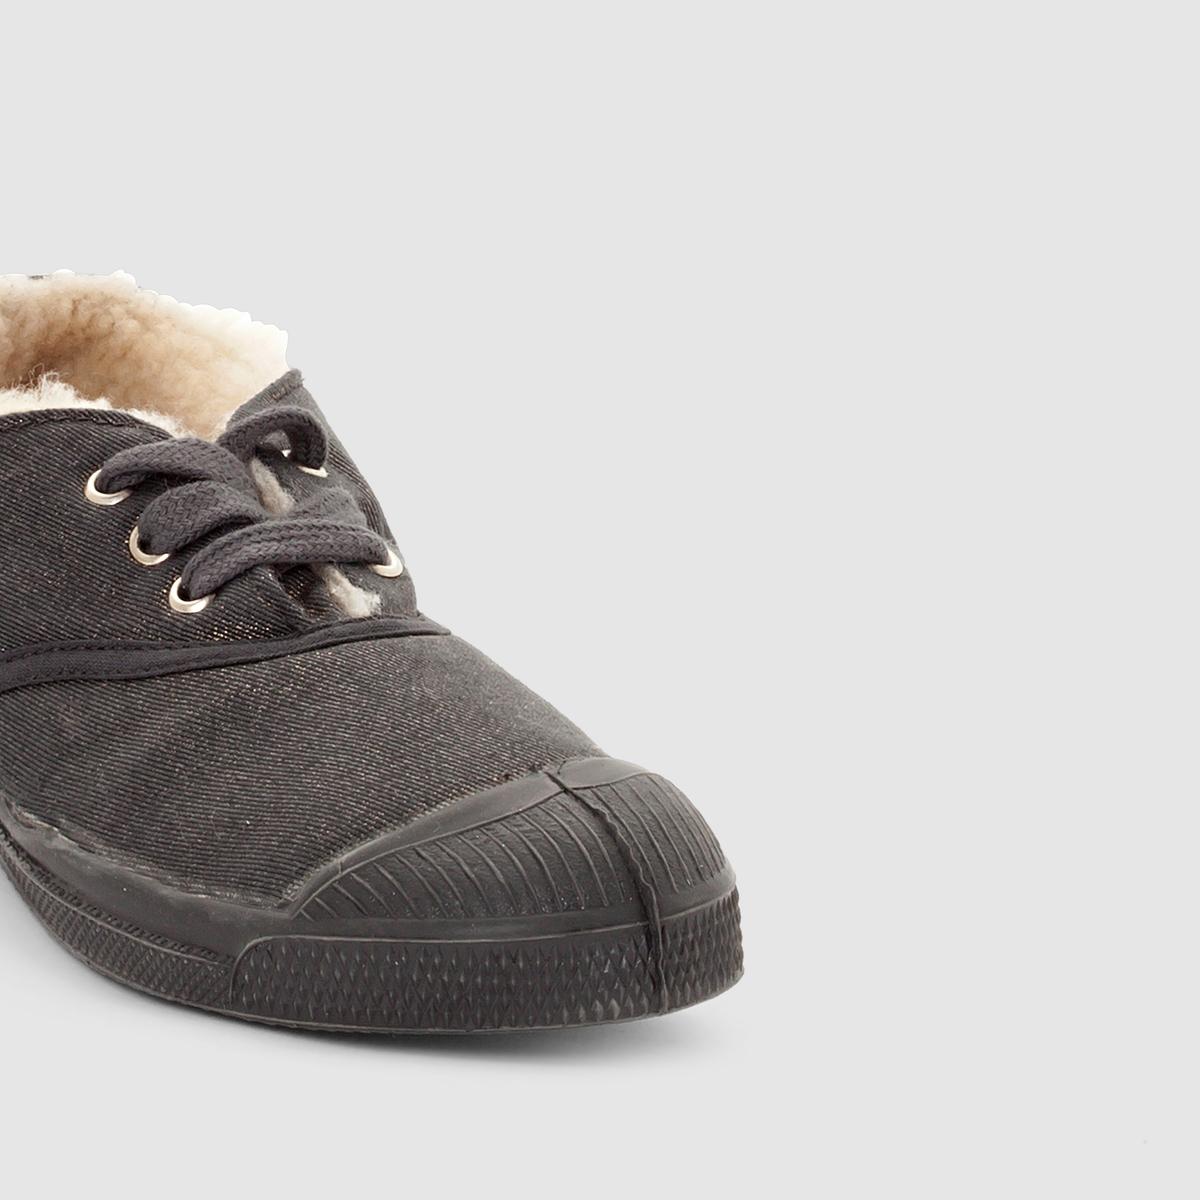 Кеды на мехуВерх : текстиль               Подкладка : синтетика         Стелька : хлопок         Подошва : каучук         Форма каблука : плоский         Мысок : закругленный мысок         Застежка : шнуровка<br><br>Цвет: серый